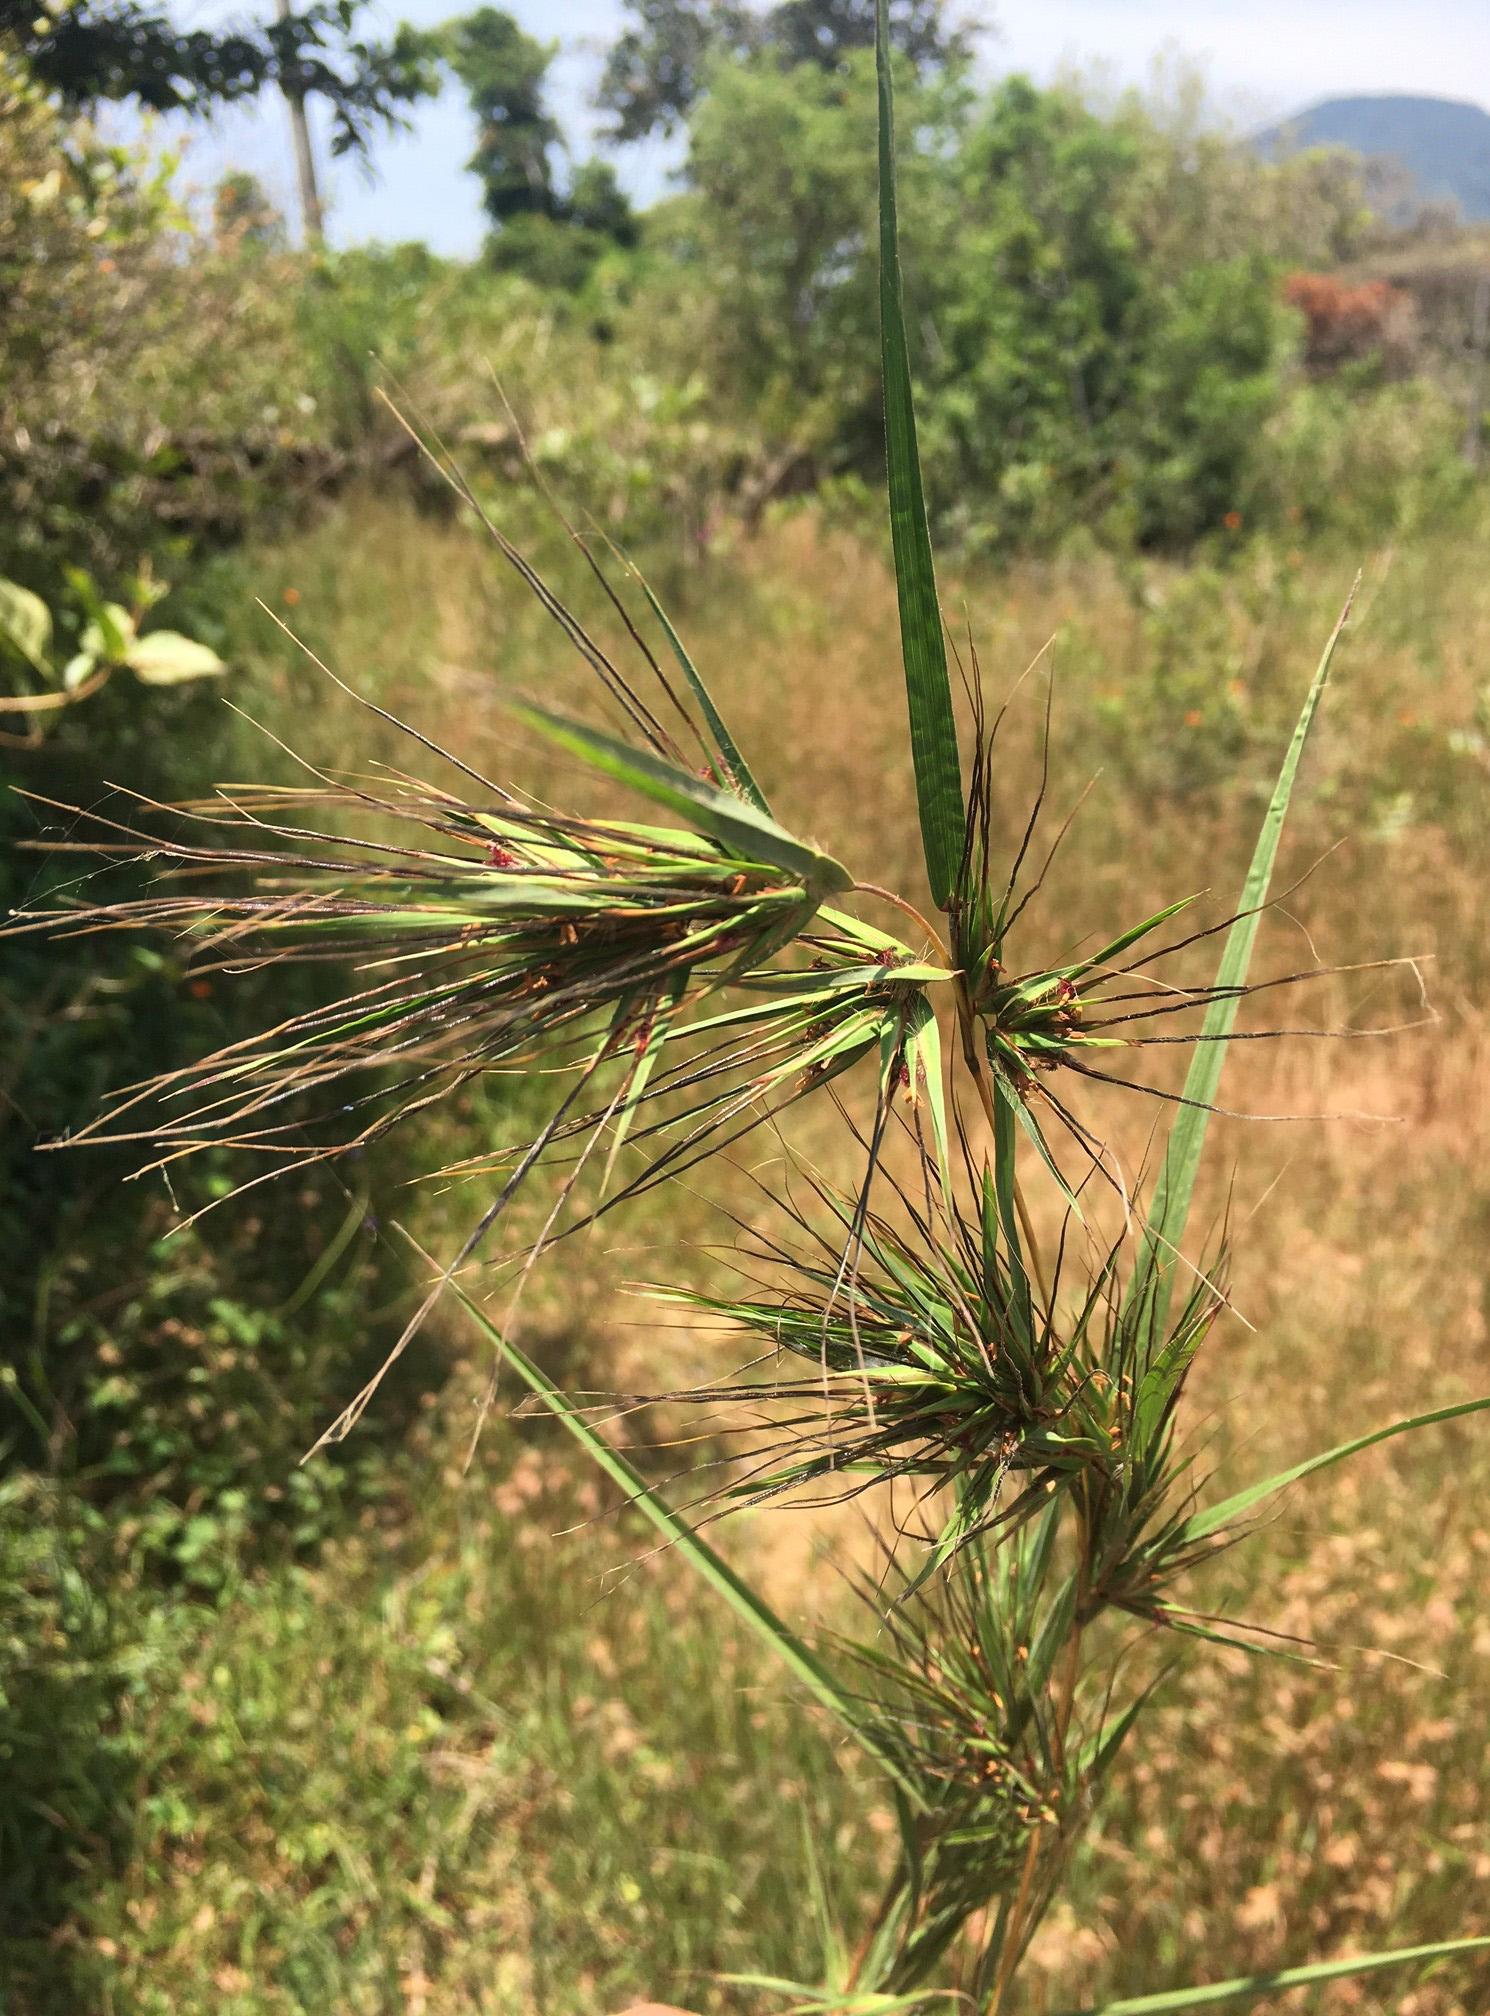 Blütenstand von Themeda triandra in einer bewaldeten Savanne in Sri Lanka. Die Studie zeigte, dass zwei Genfragmente von T. Triandra in das Genom von A. semialata-Populationen (Bild 1) integriert wurden. © PA Christin & LT Dunning